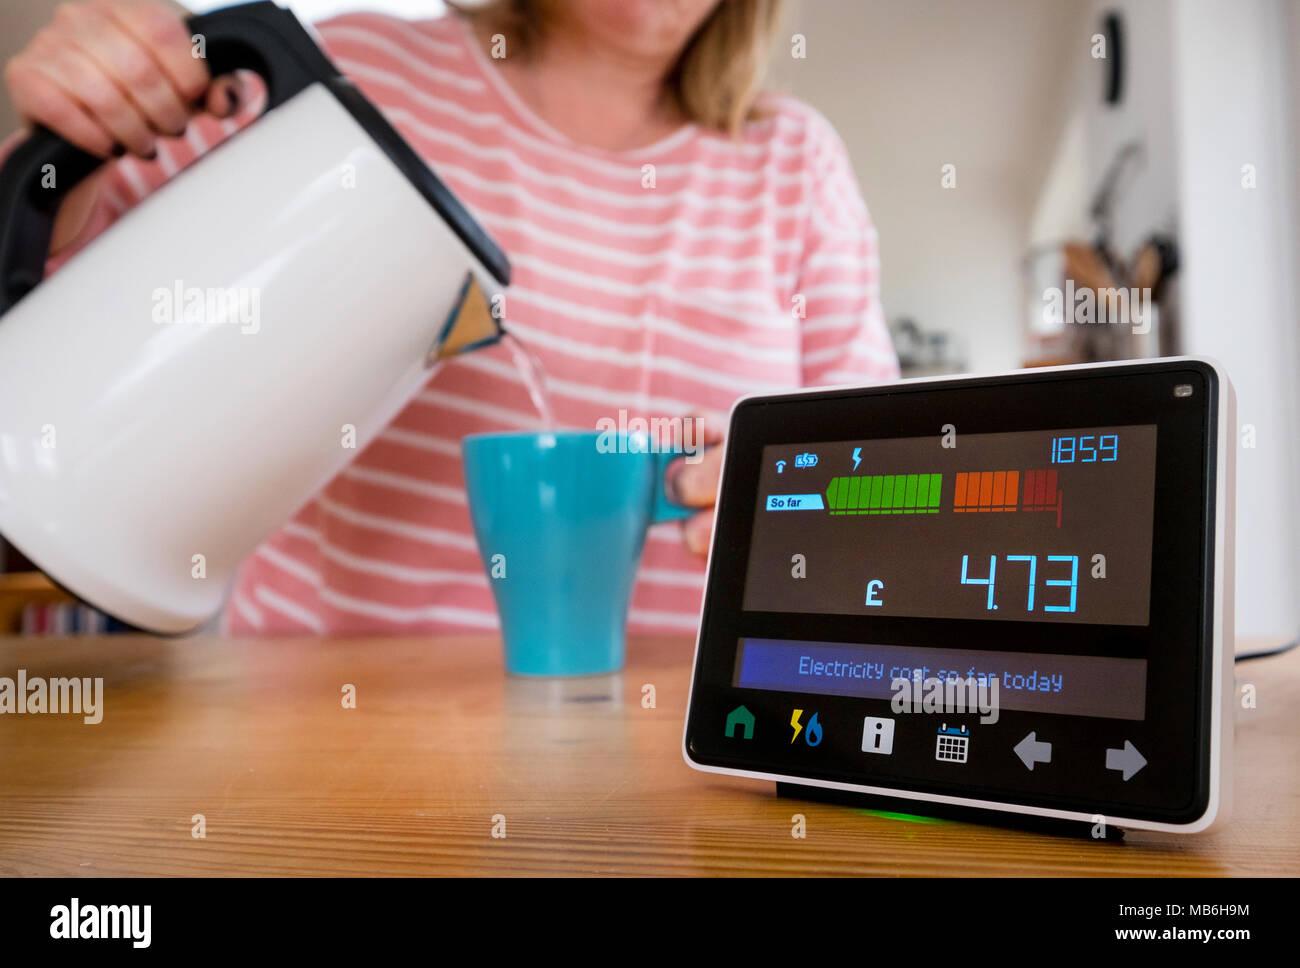 Medidor inteligente de energia Monitor ( )na cozinha de uma casa como uma mulher faz uma chávena de chá Imagens de Stock